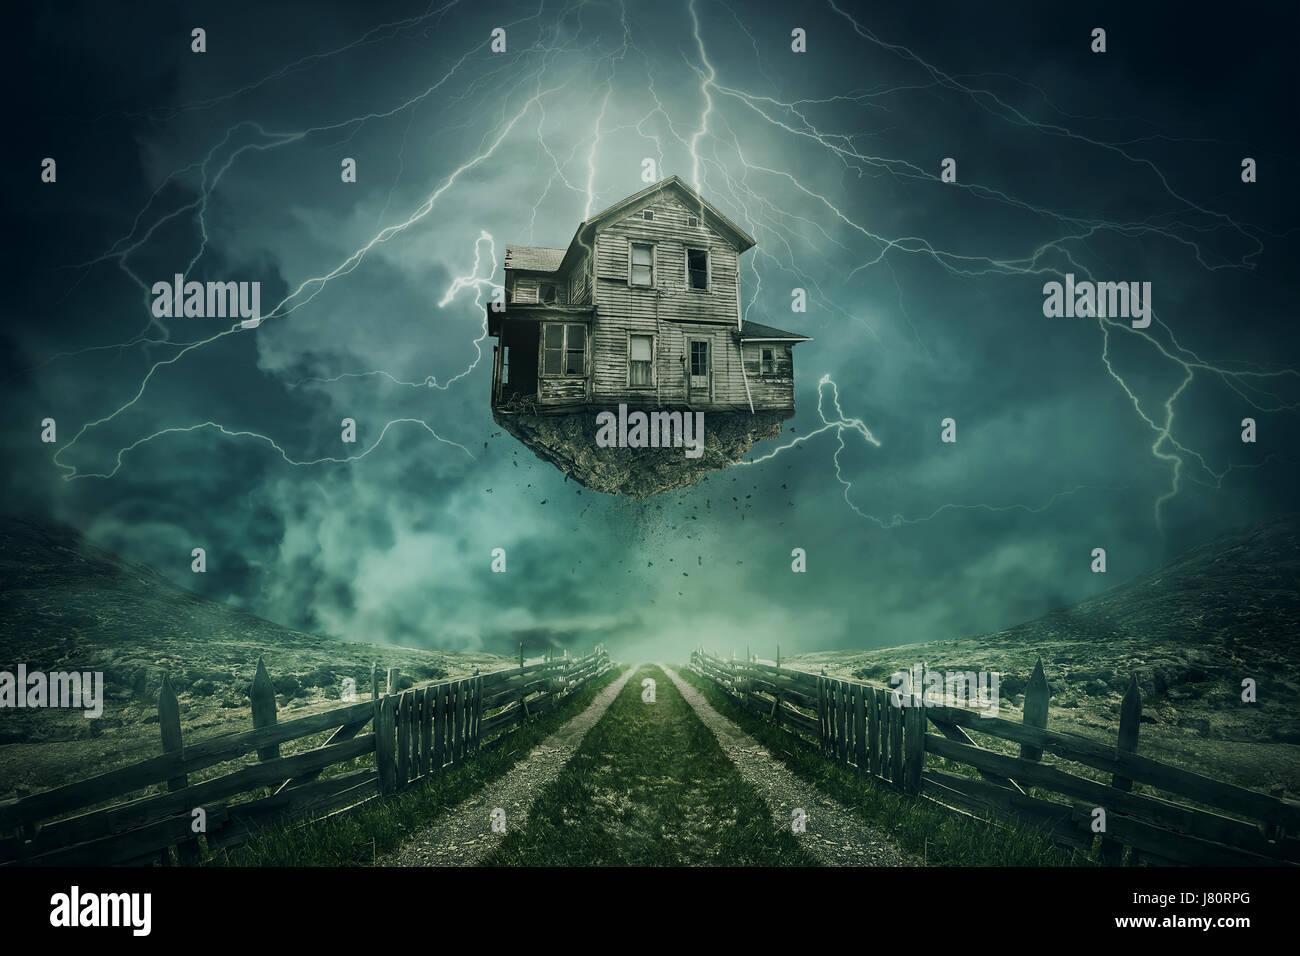 Casa fantasma arrancado de la tierra volando por encima de un país por carretera en un día tempestuoso con relámpagos Foto de stock